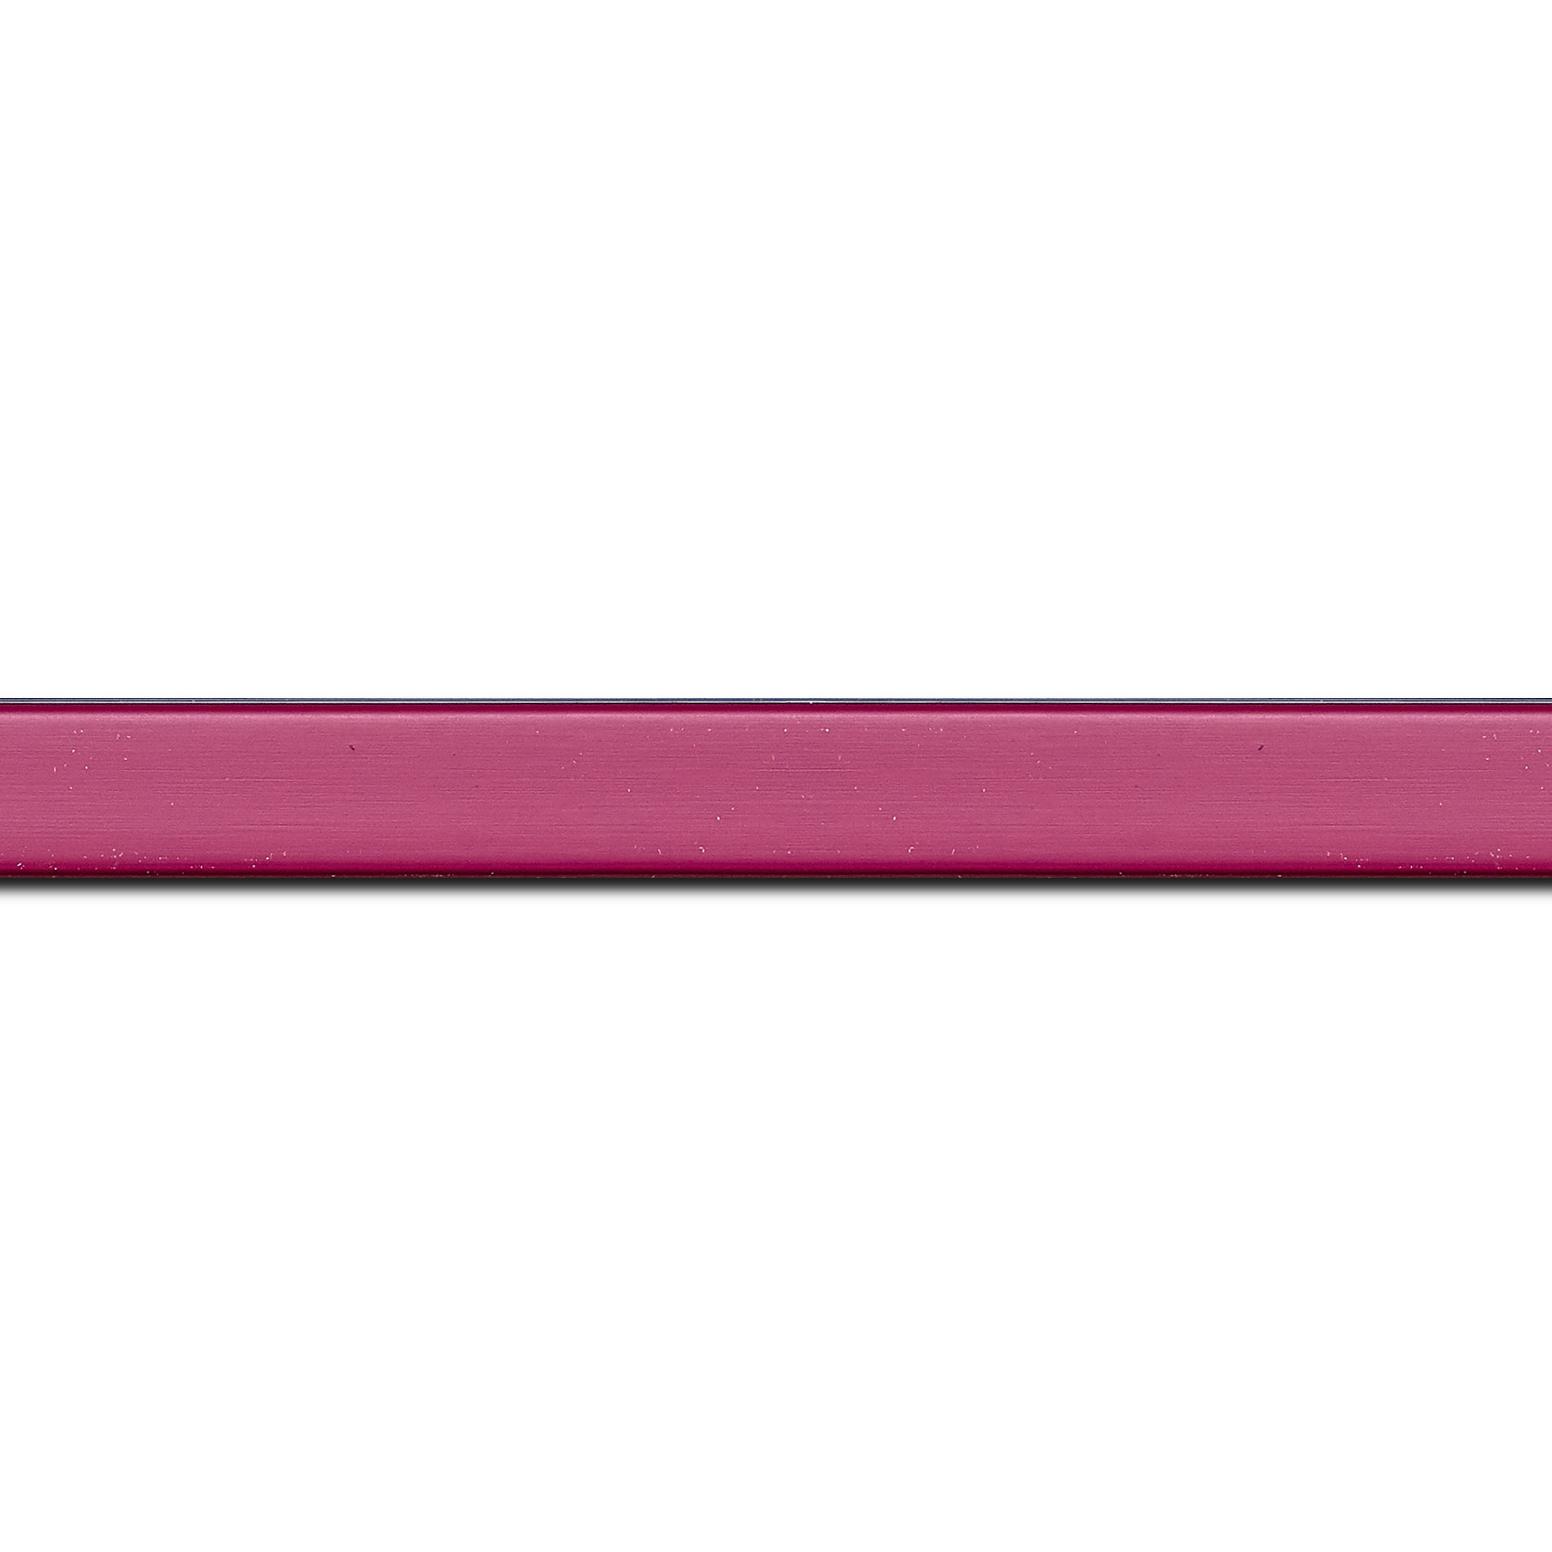 Pack par 12m, bois profil plat effet cube largeur 1.7cm couleur rose fuchsia satiné (longueur baguette pouvant varier entre 2.40m et 3m selon arrivage des bois)